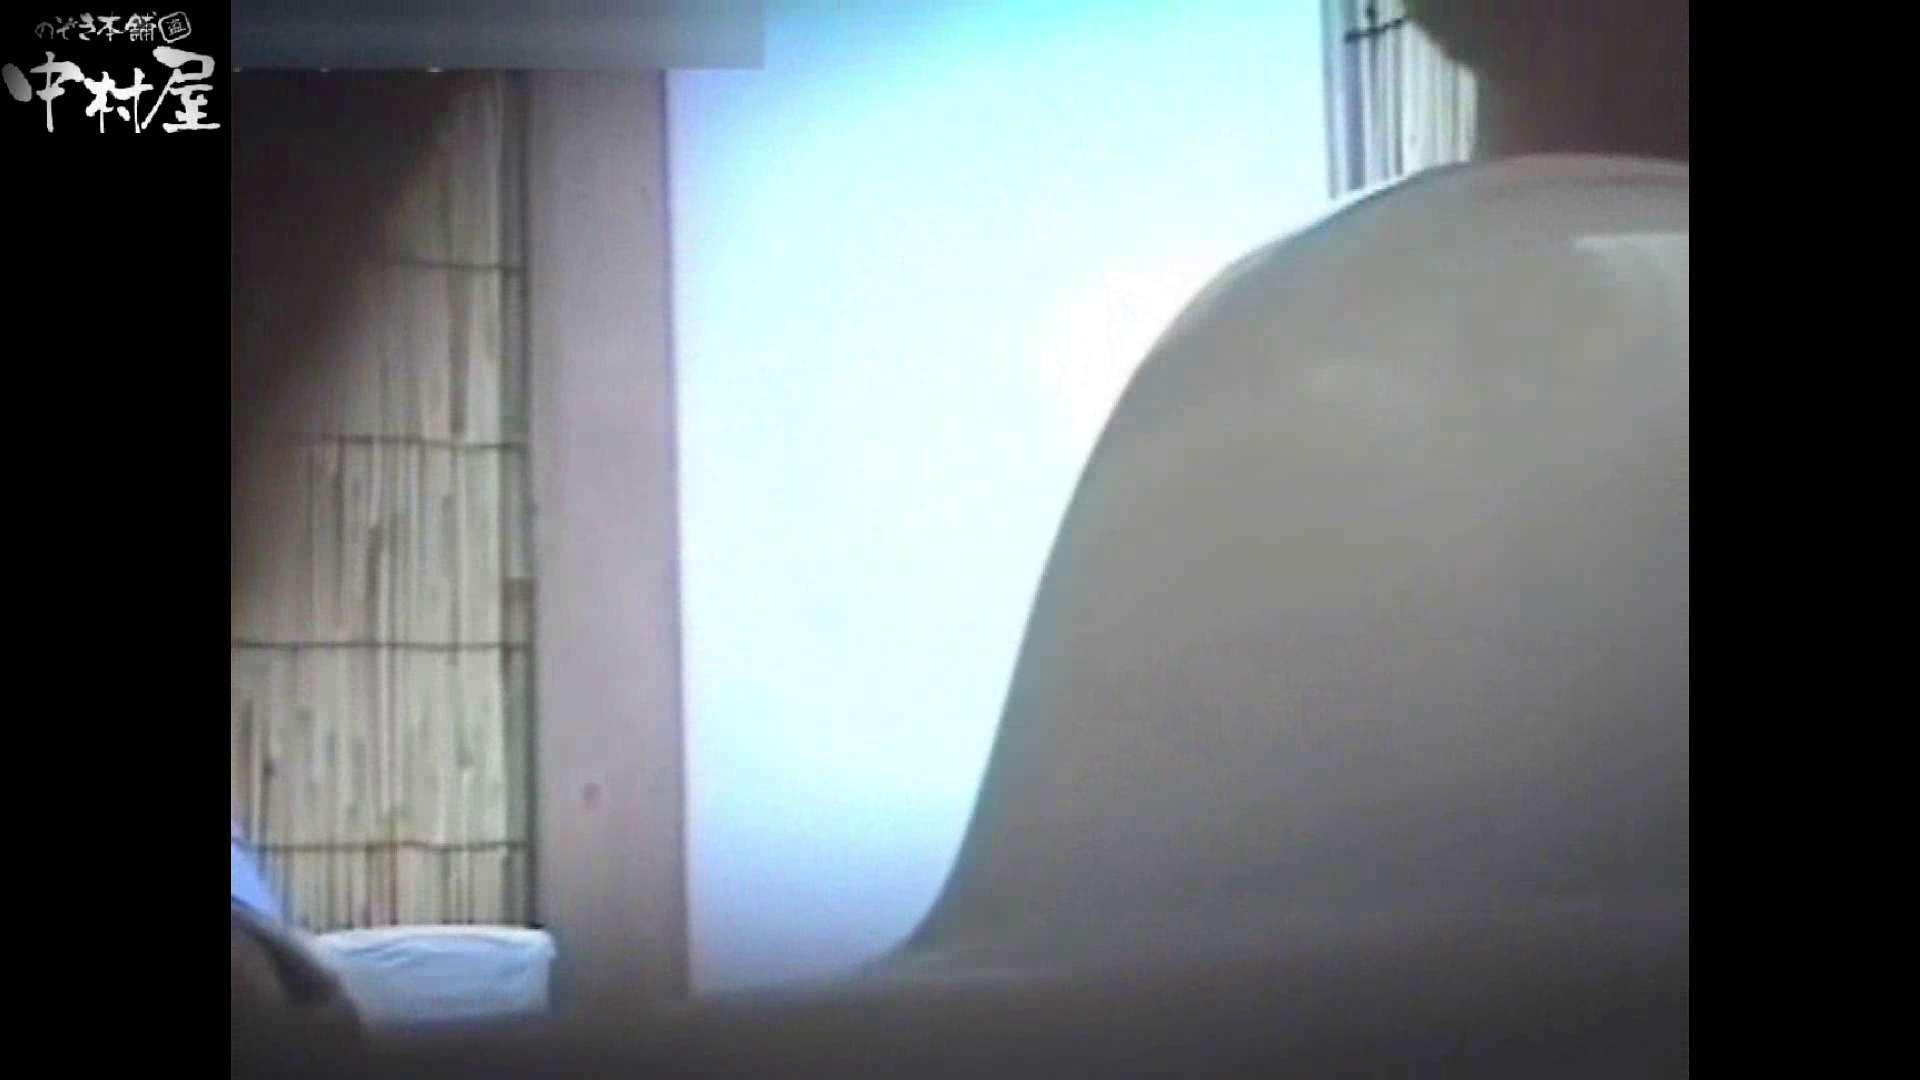 解禁!海の家4カメ洗面所vol.63 洗面所 | 人気シリーズ  98pic 46